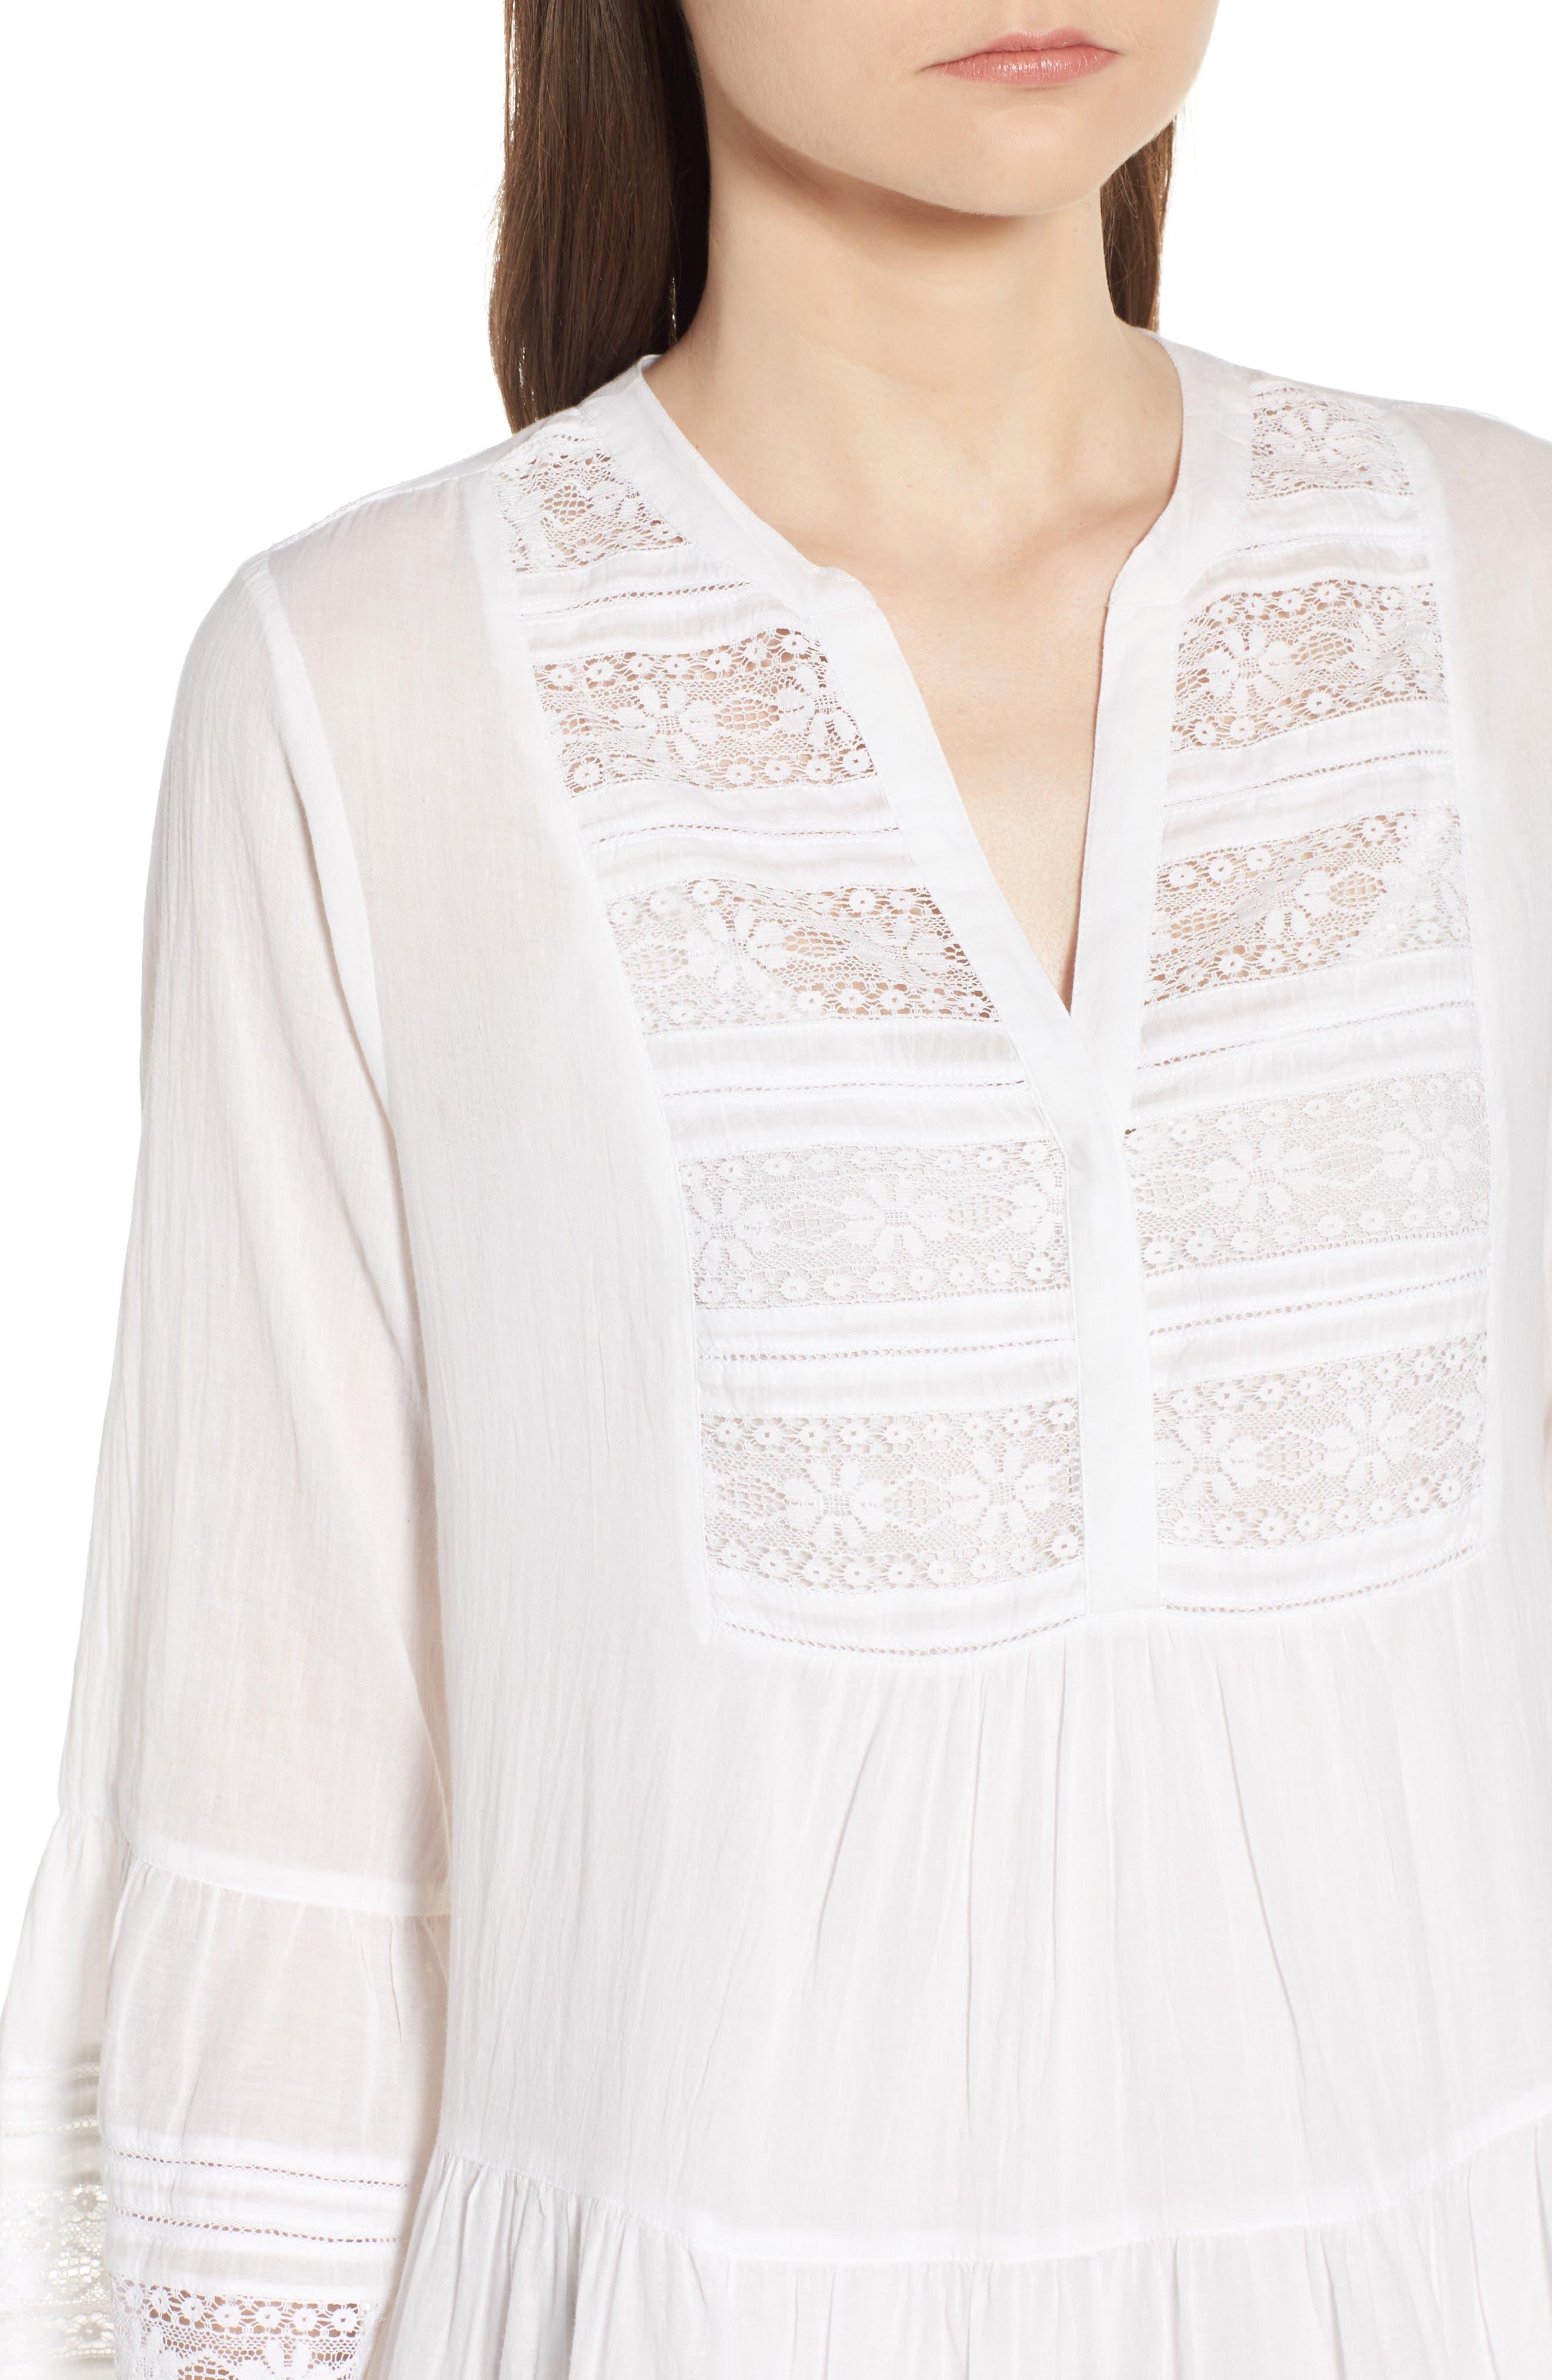 Lace Inset Cotton Gauze Dress,                             Alternate thumbnail 4, color,                             White